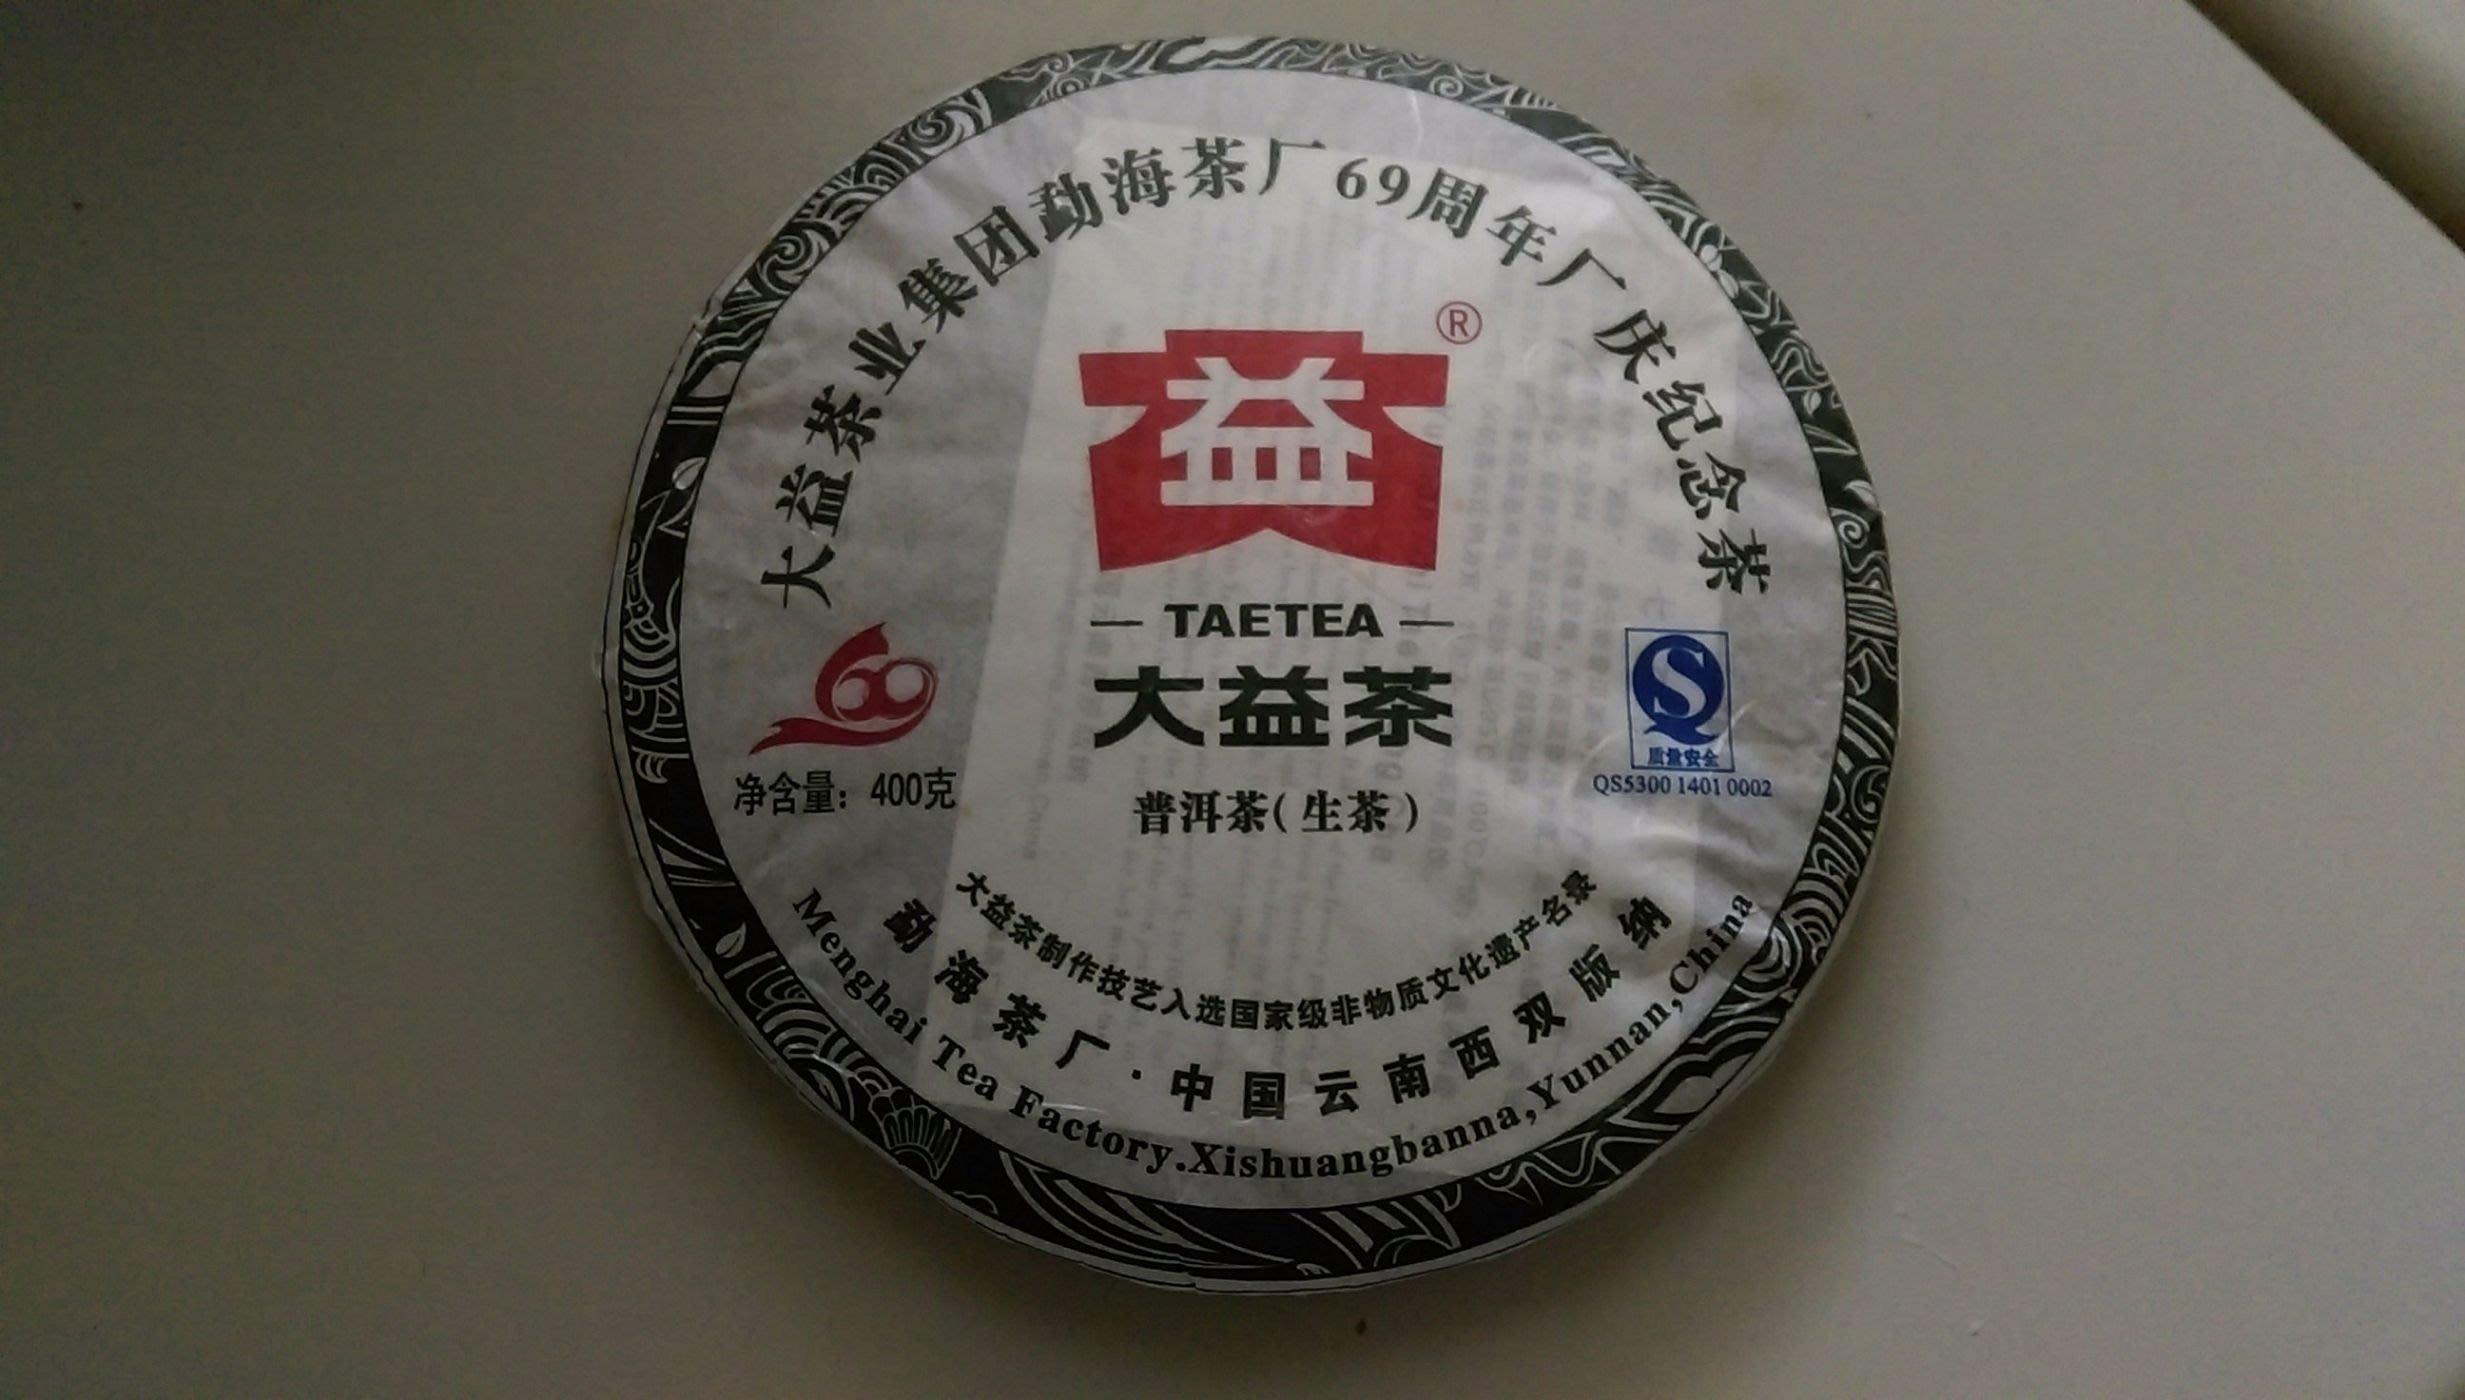 大益 69週年紀念茶 勐海茶廠